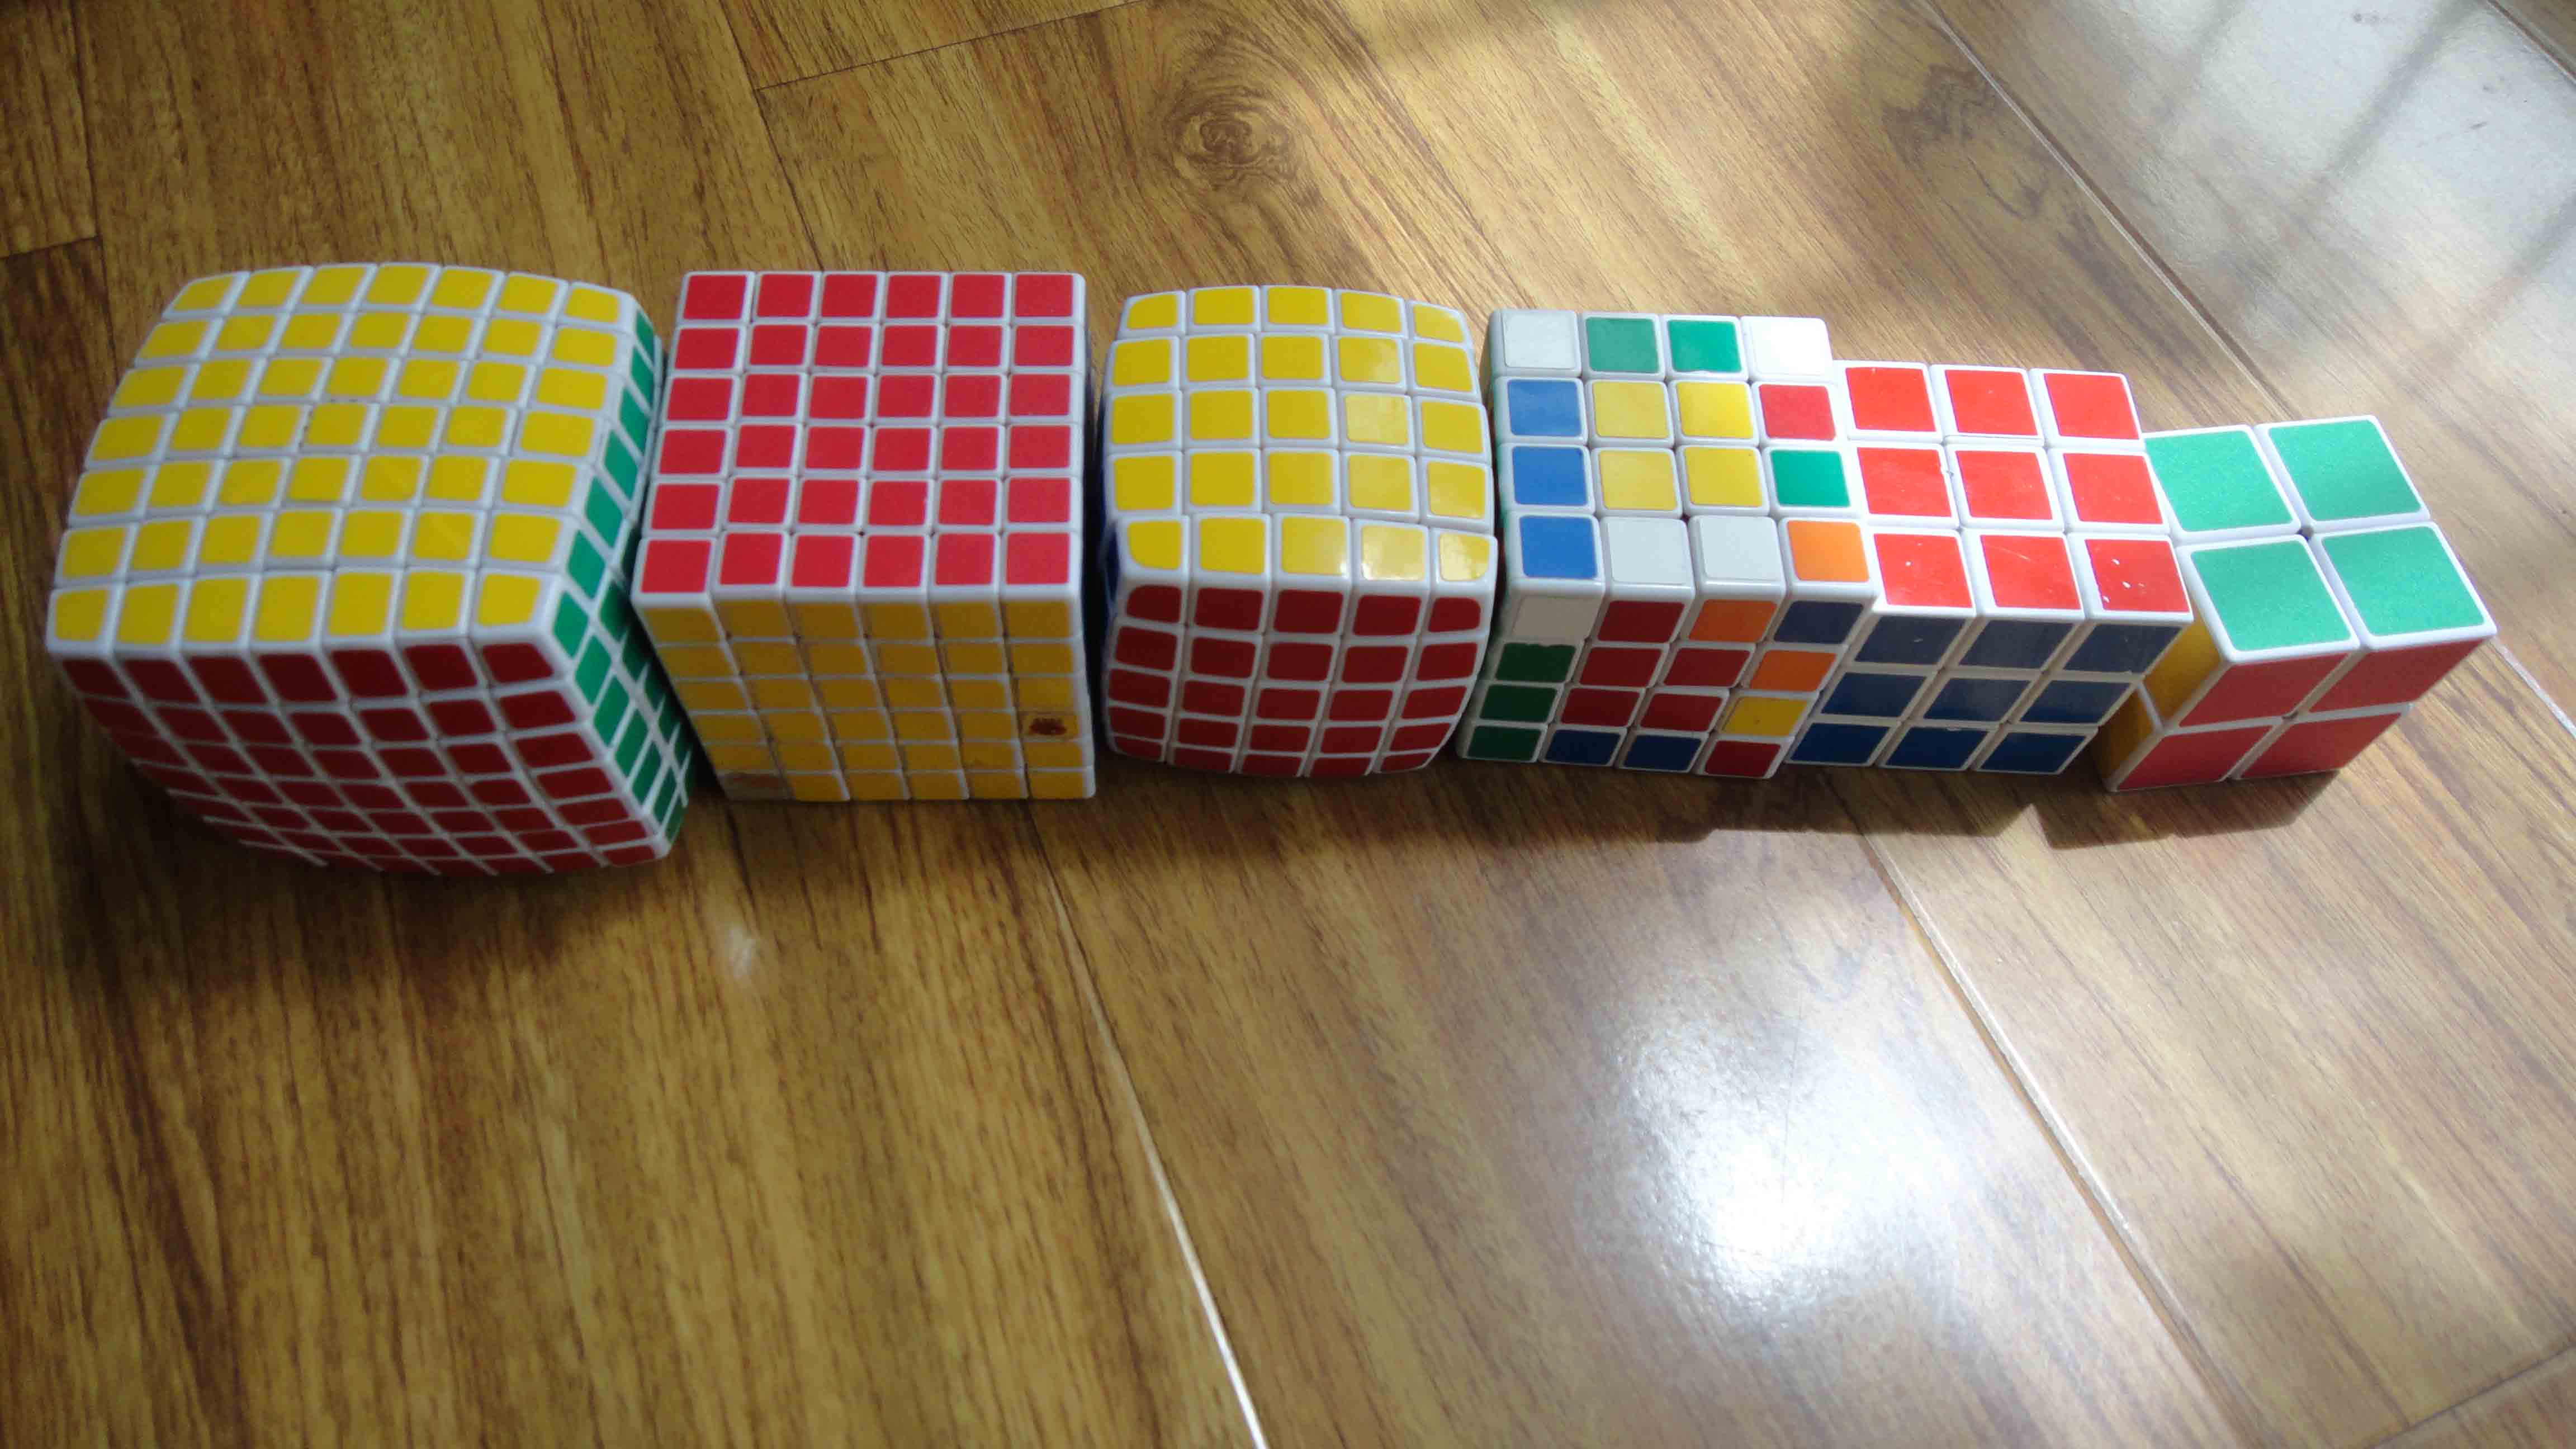 七阶魔方 还有三个另异形魔方:三角魔方